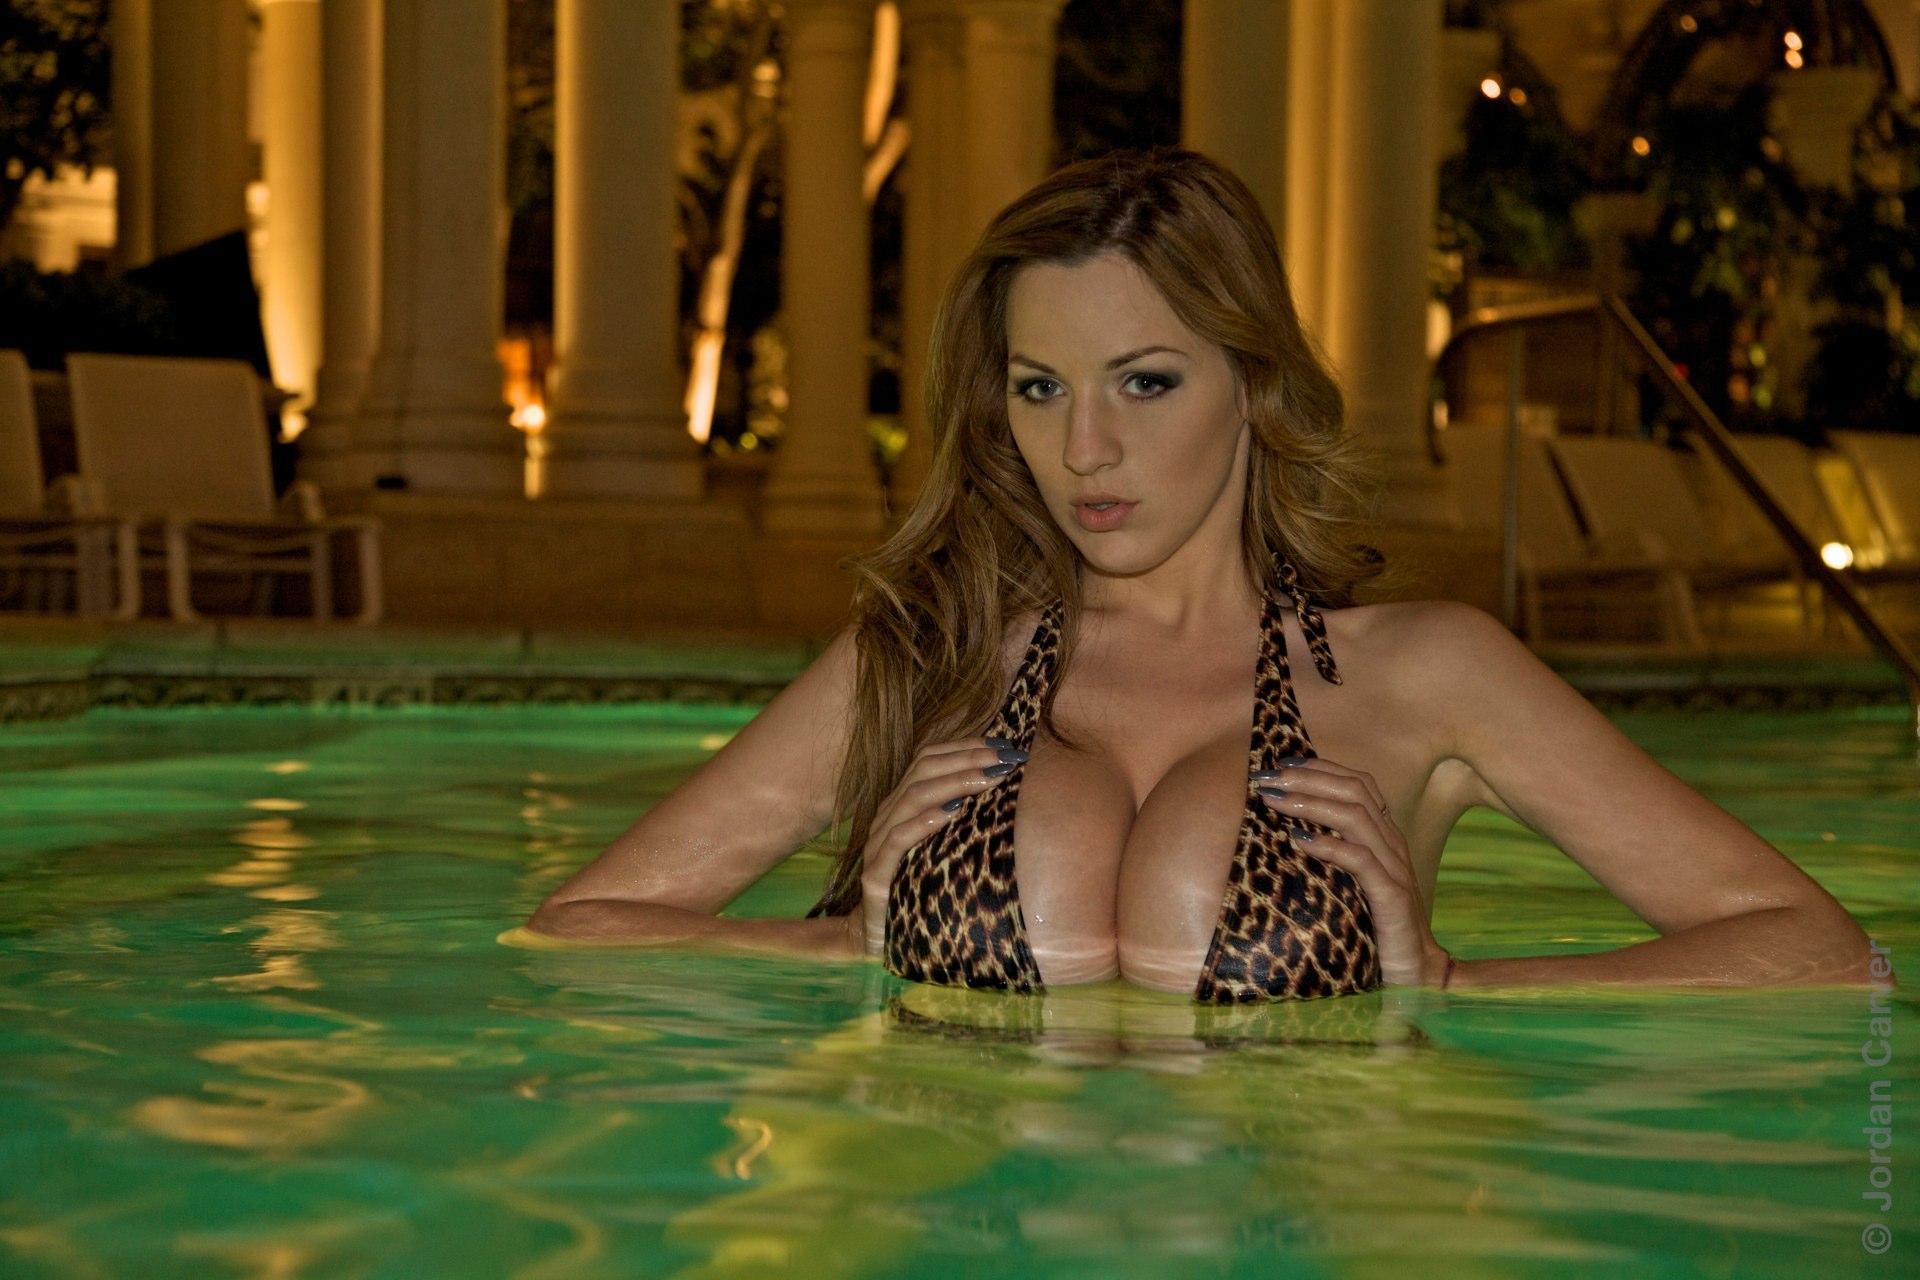 Сиск болшой член болшой, Большие члены порно - Смотреть порно онлайн 21 фотография